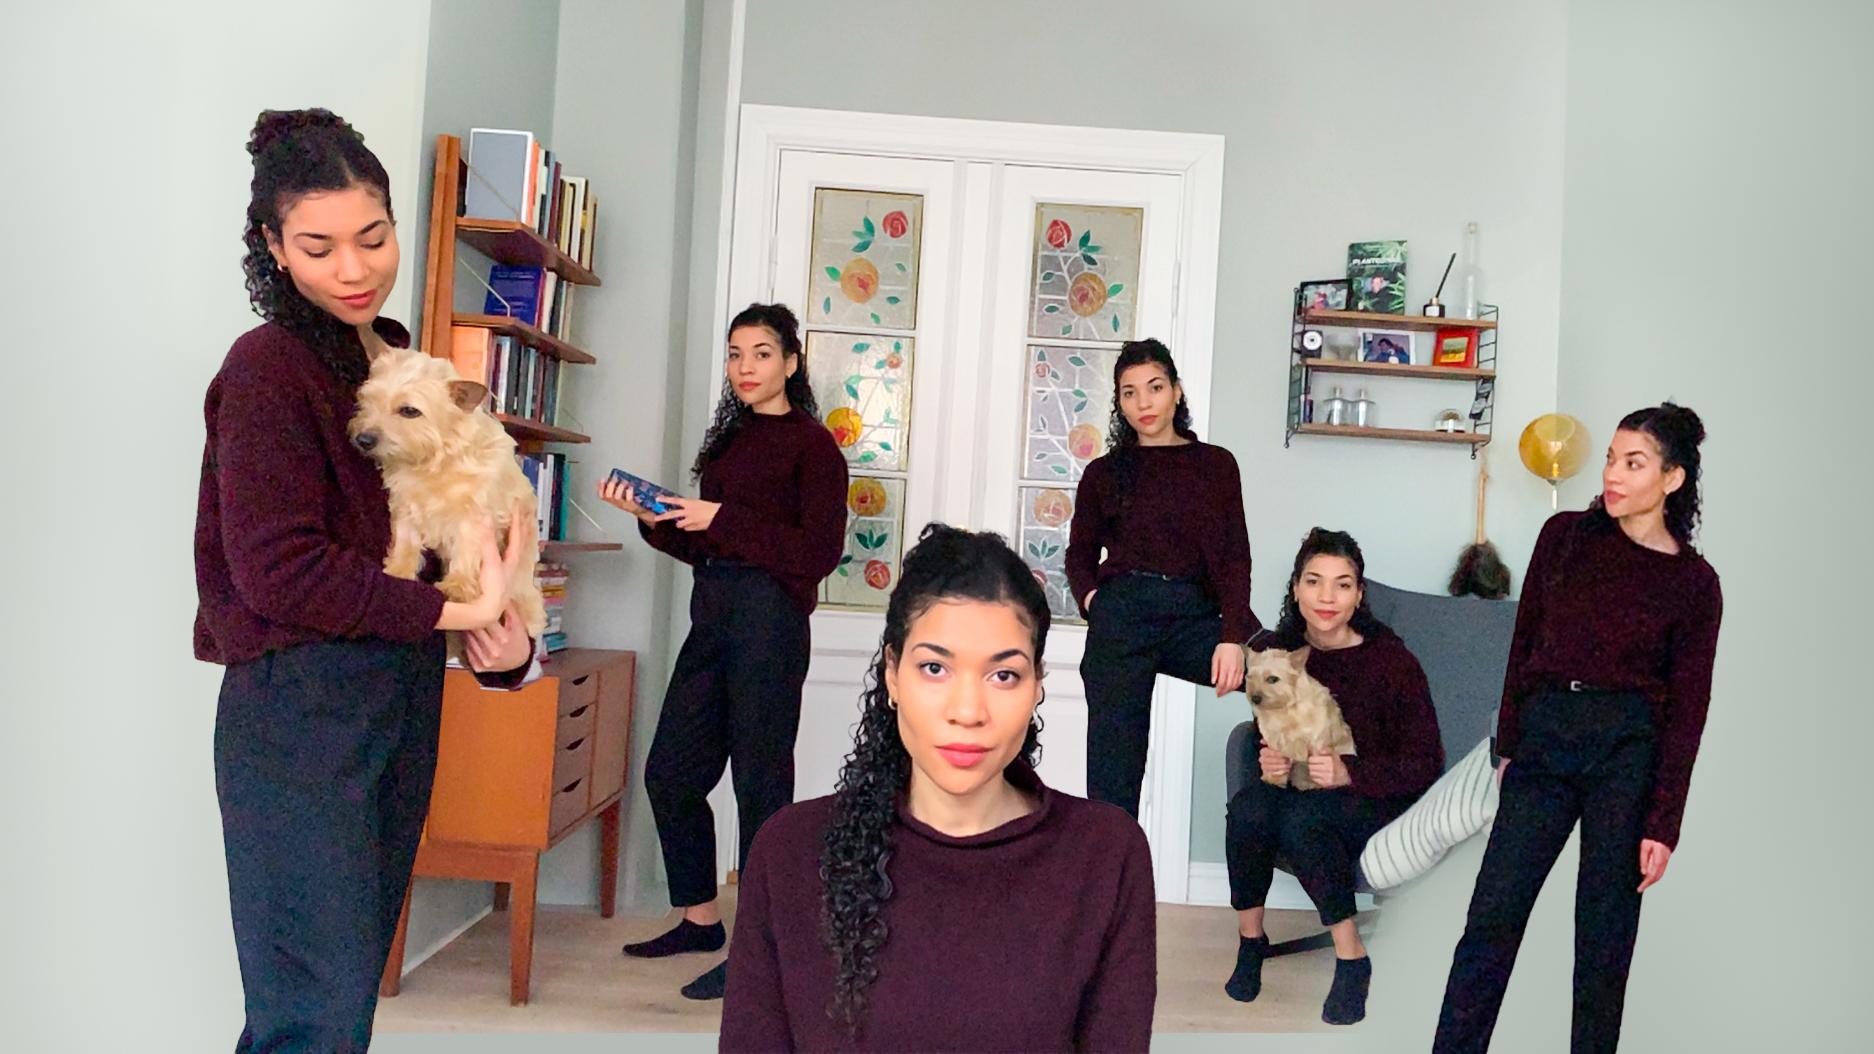 Fem utklipte versjoner av den samme kvinnen med mørkt krøllete hår komplimenterer hverandre i den lysegrønne stuen. Kvinnen heter Alice. Rommet prydes av en hvit glassdør i midten med blomster i rødt og gult, og en gammeldags bokhylle til venstre. Noe steder i bildet holder Alice som er i ført en sort bukse og den rød genser en liten gylden hund som heter Emma. Andre steder stirrer Alice på seg selv, og helt i front stirrer hun på oss.